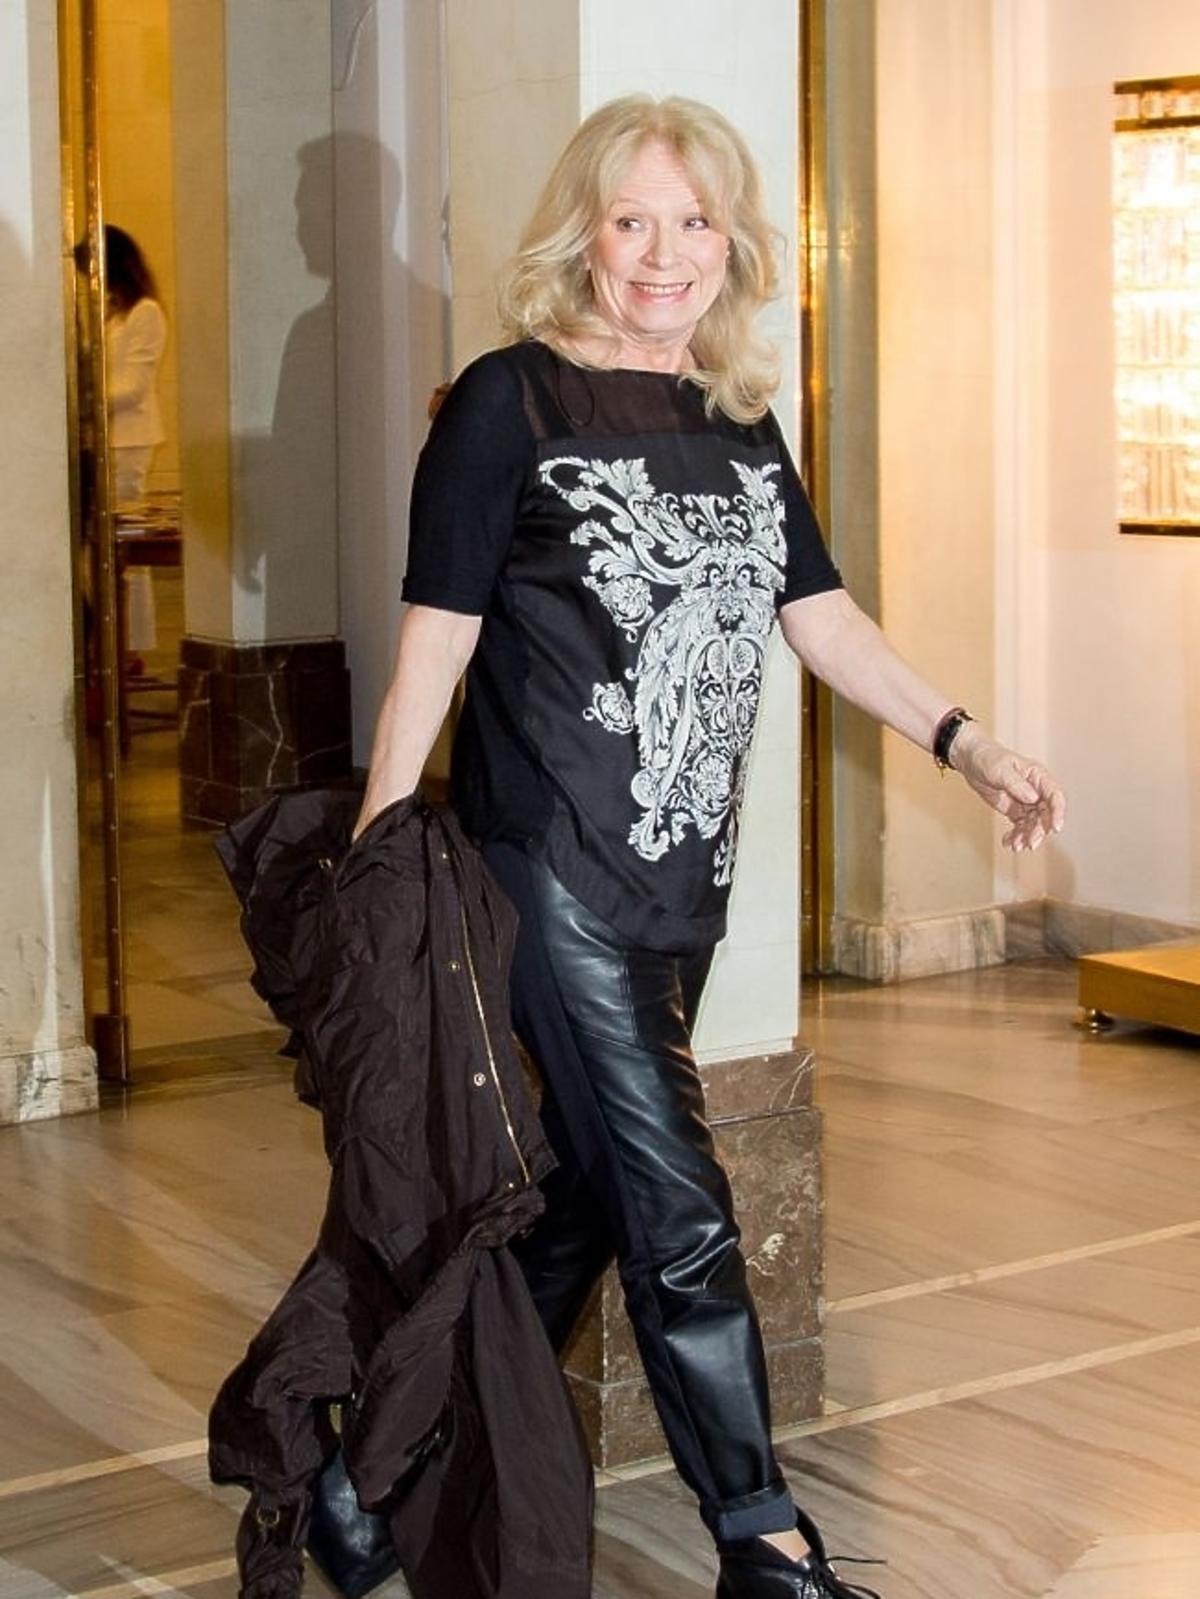 Irena Karel na 10-leciu Polskiego Instytutu Sztuki Filmowej